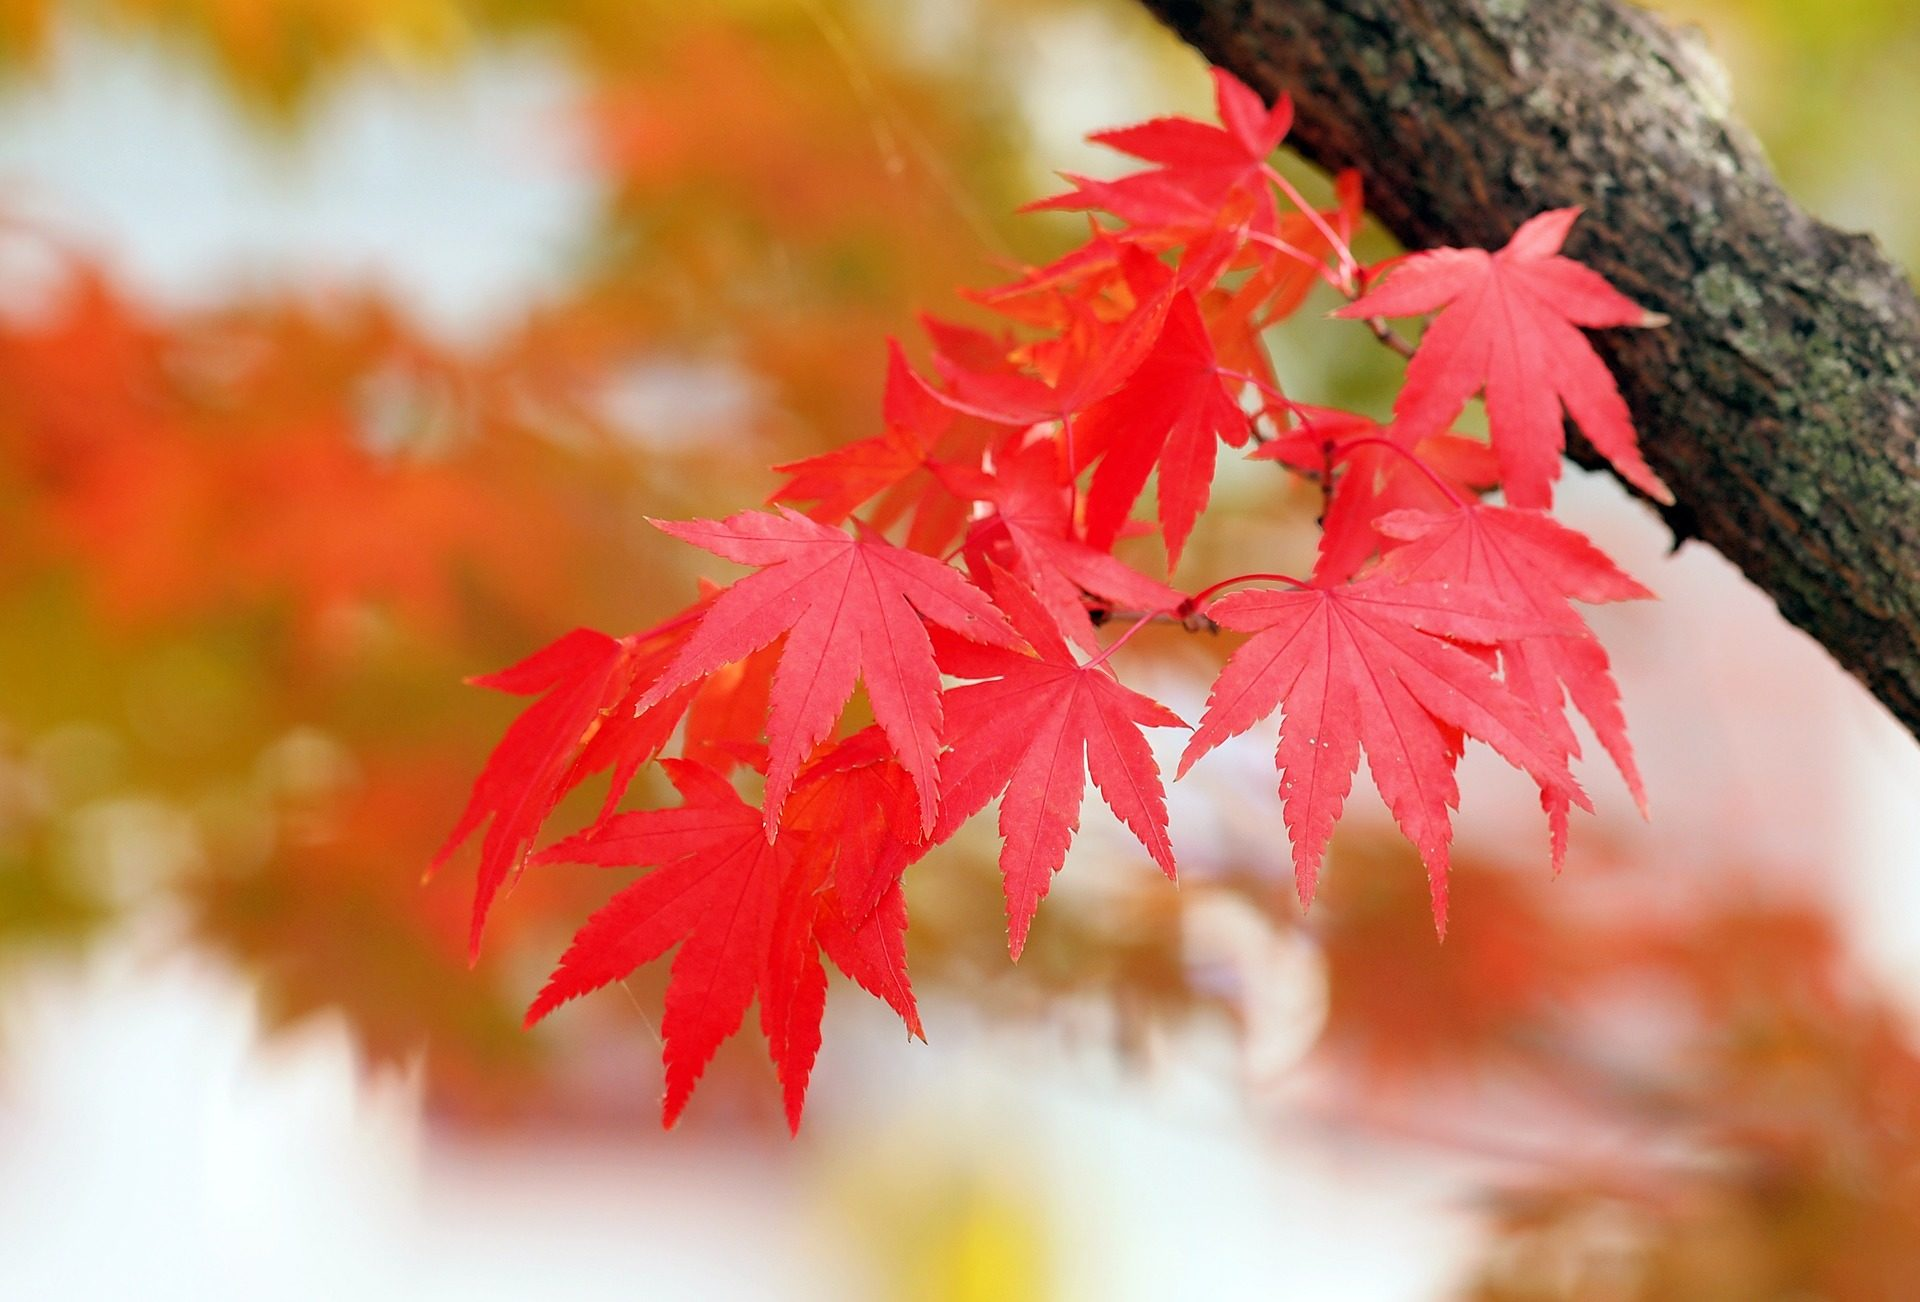 feuilles, arbre, Rouge, Érable, automne - Fonds d'écran HD - Professor-falken.com